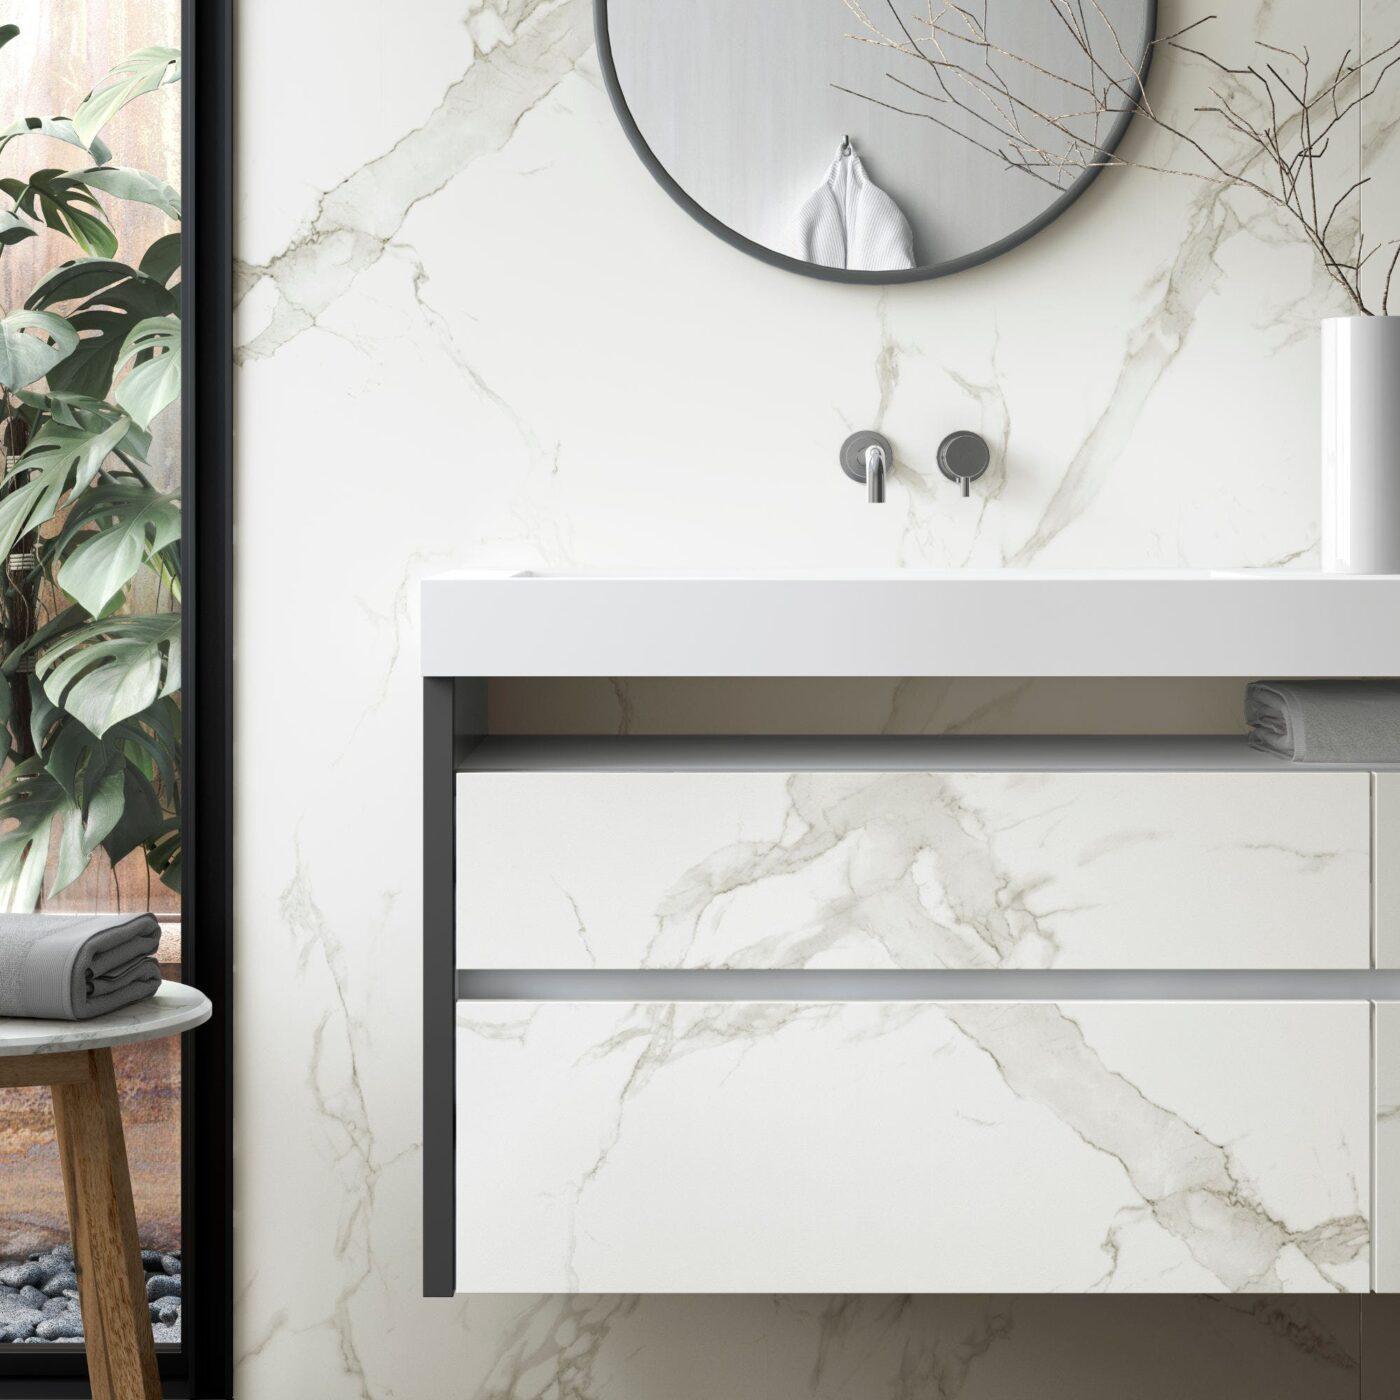 Image of Dekton Bathroom Aura 15 Detalle in Vijf coole ontwerp ideeën voor grijze en witte badkamers - Cosentino